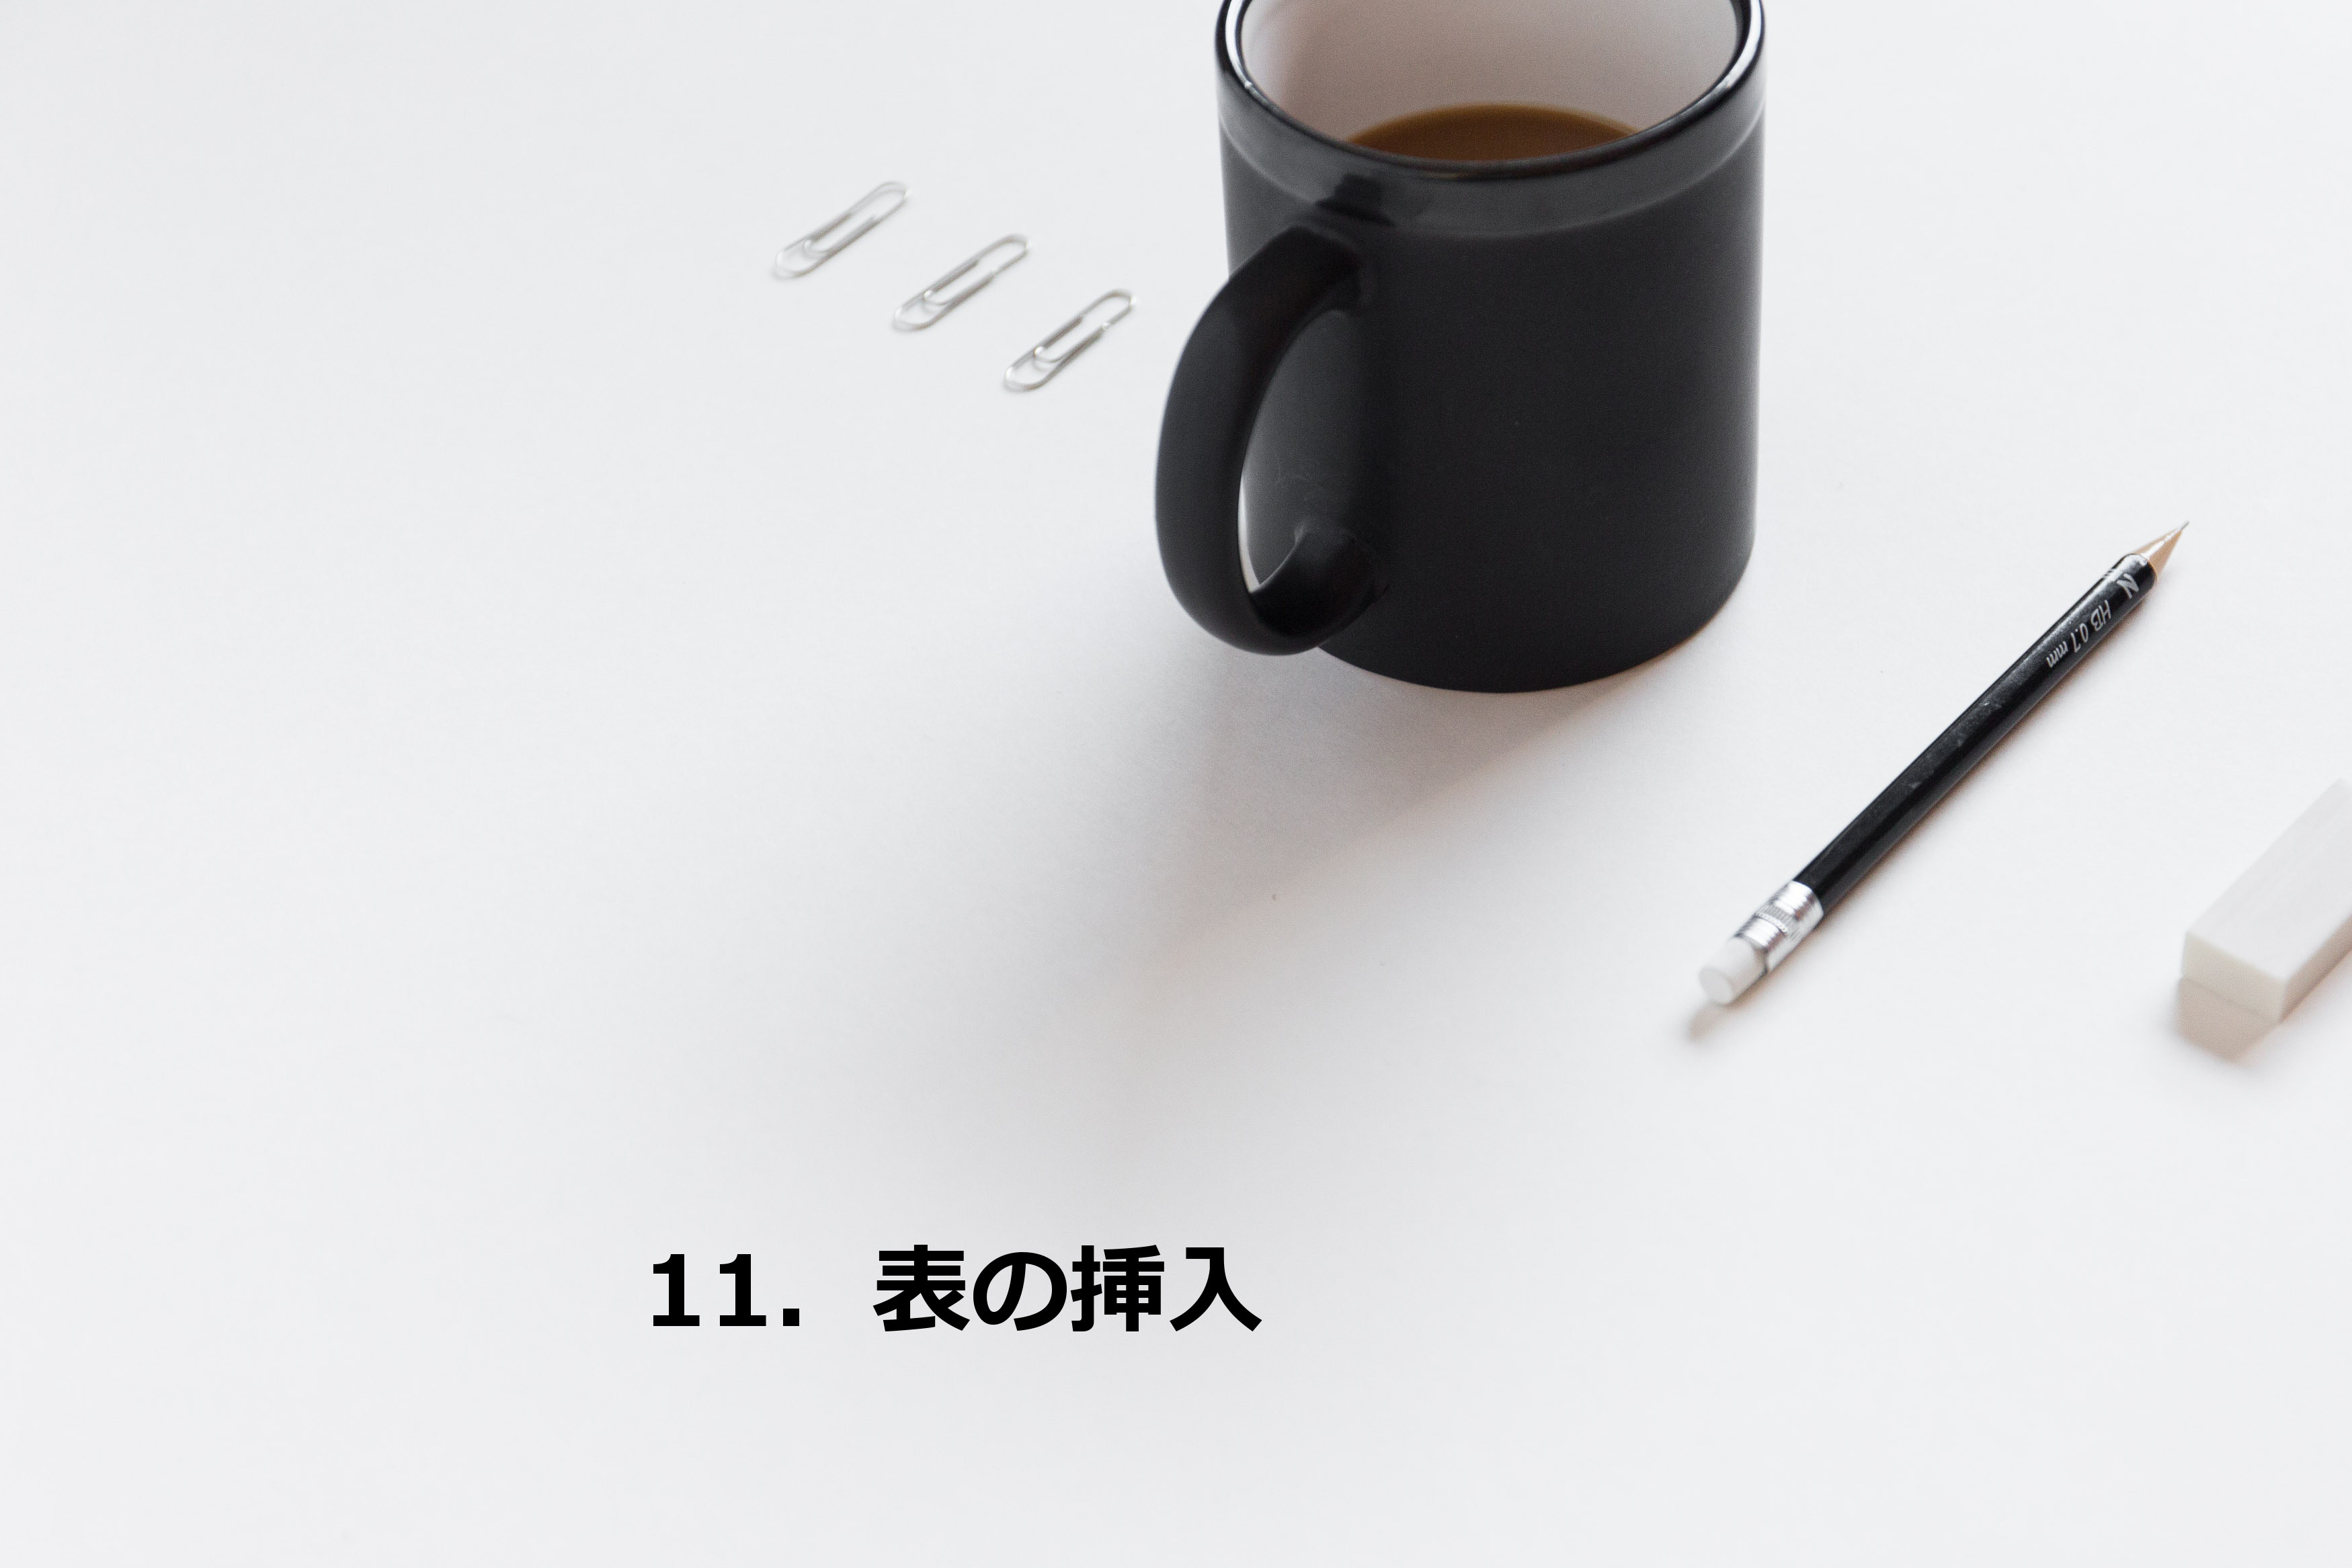 11.表の挿入